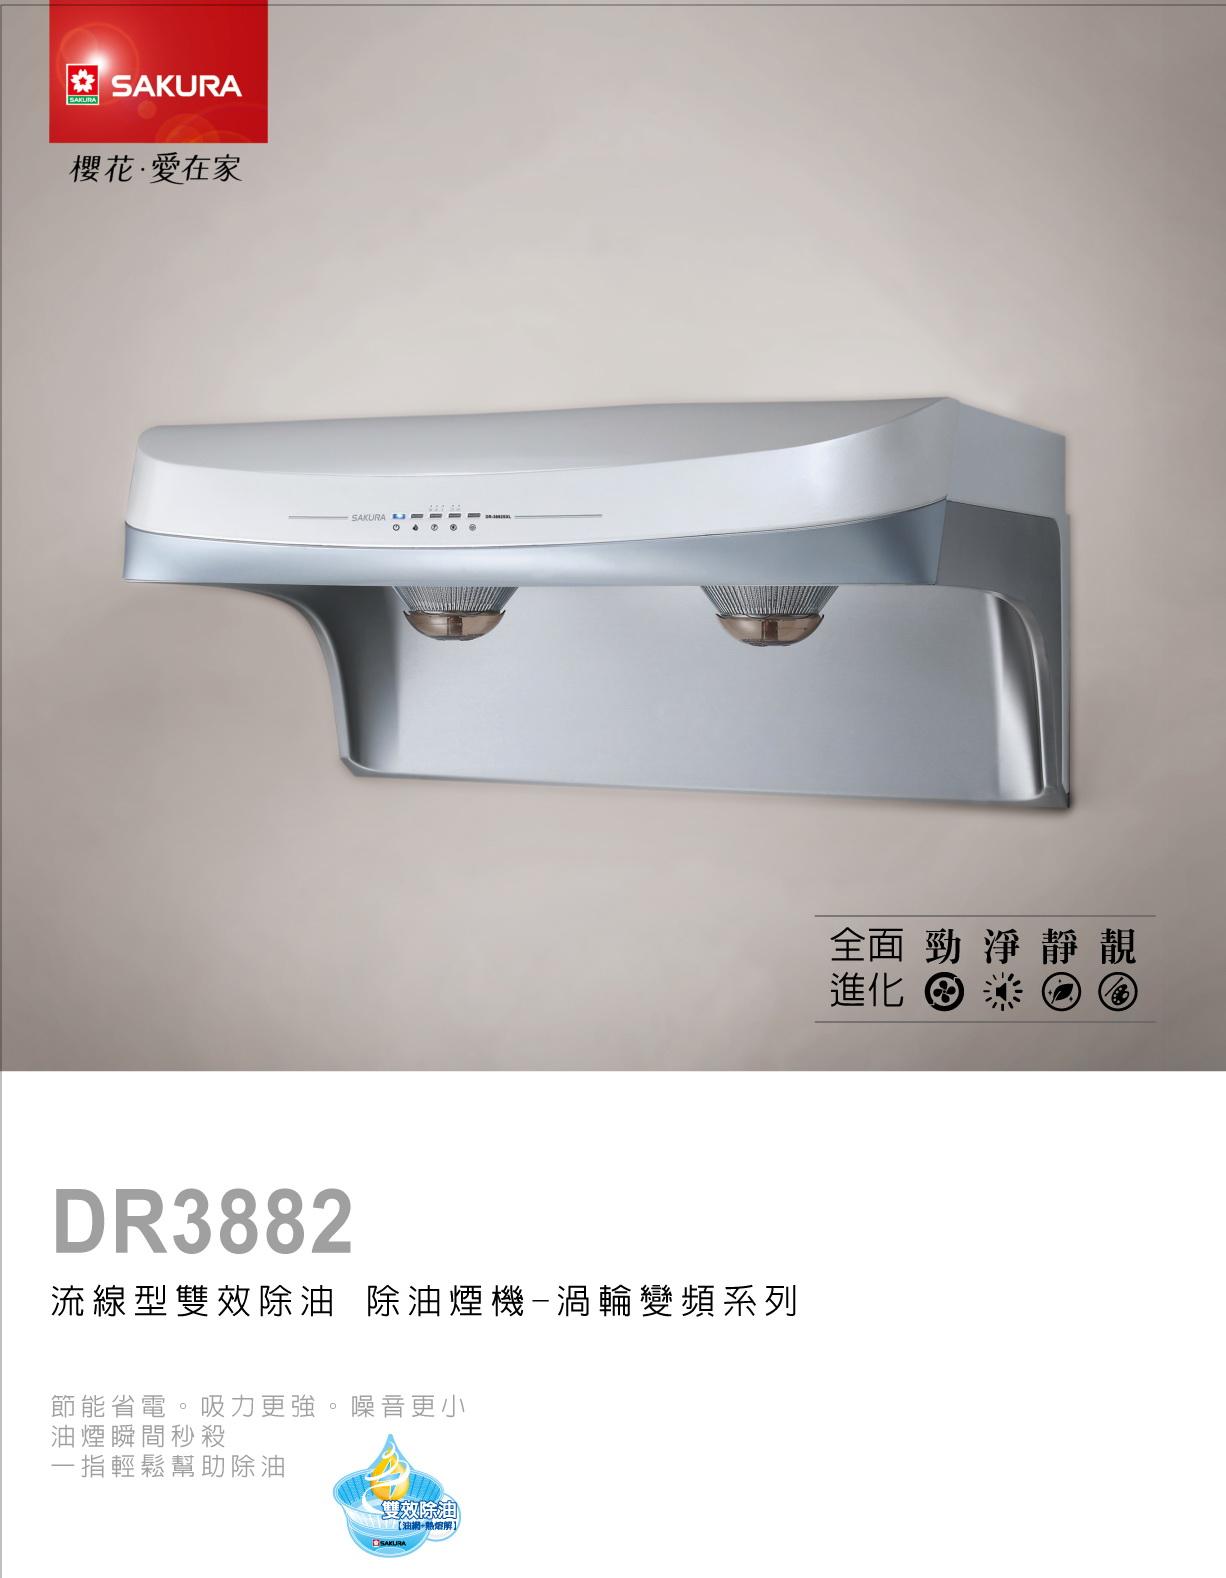 櫻花排油煙機DR3882.jpg